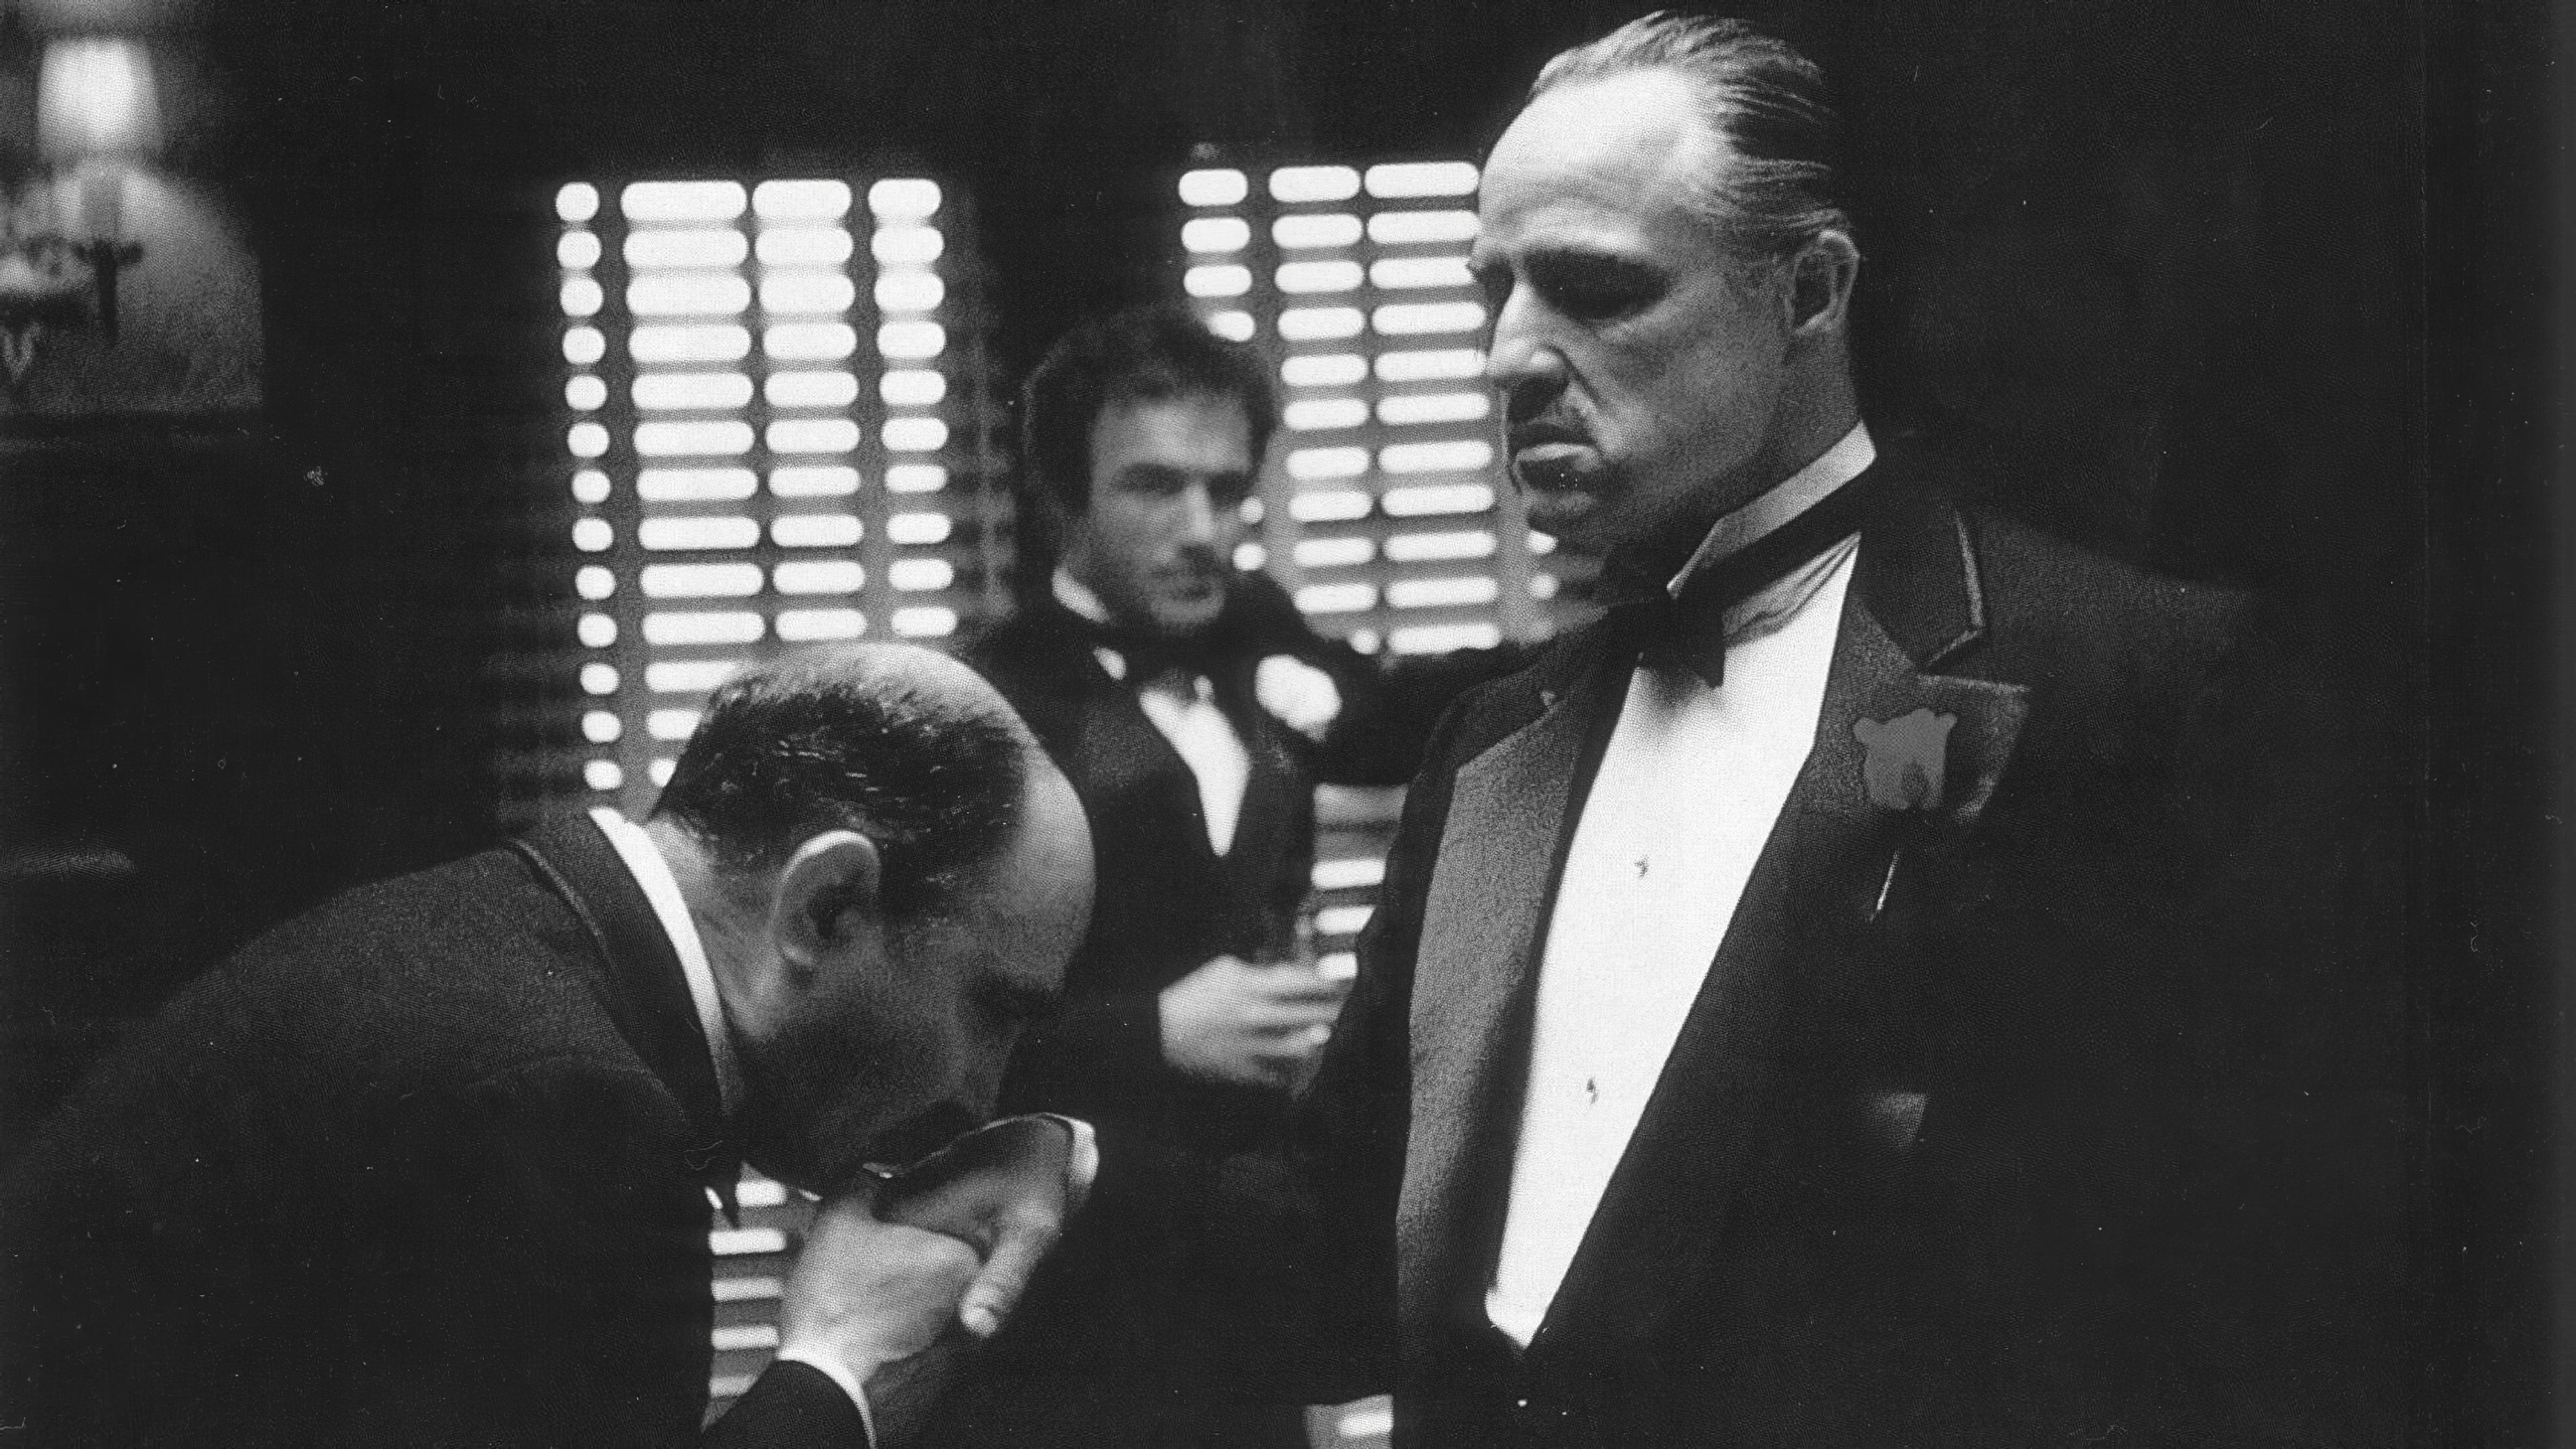 the godfather vito corleone 1589579038 - The Godfather :Vito Corleone - The Godfather Vito Corleone wallpapers, The Godfather :Vito Corleone 4k wallpapers